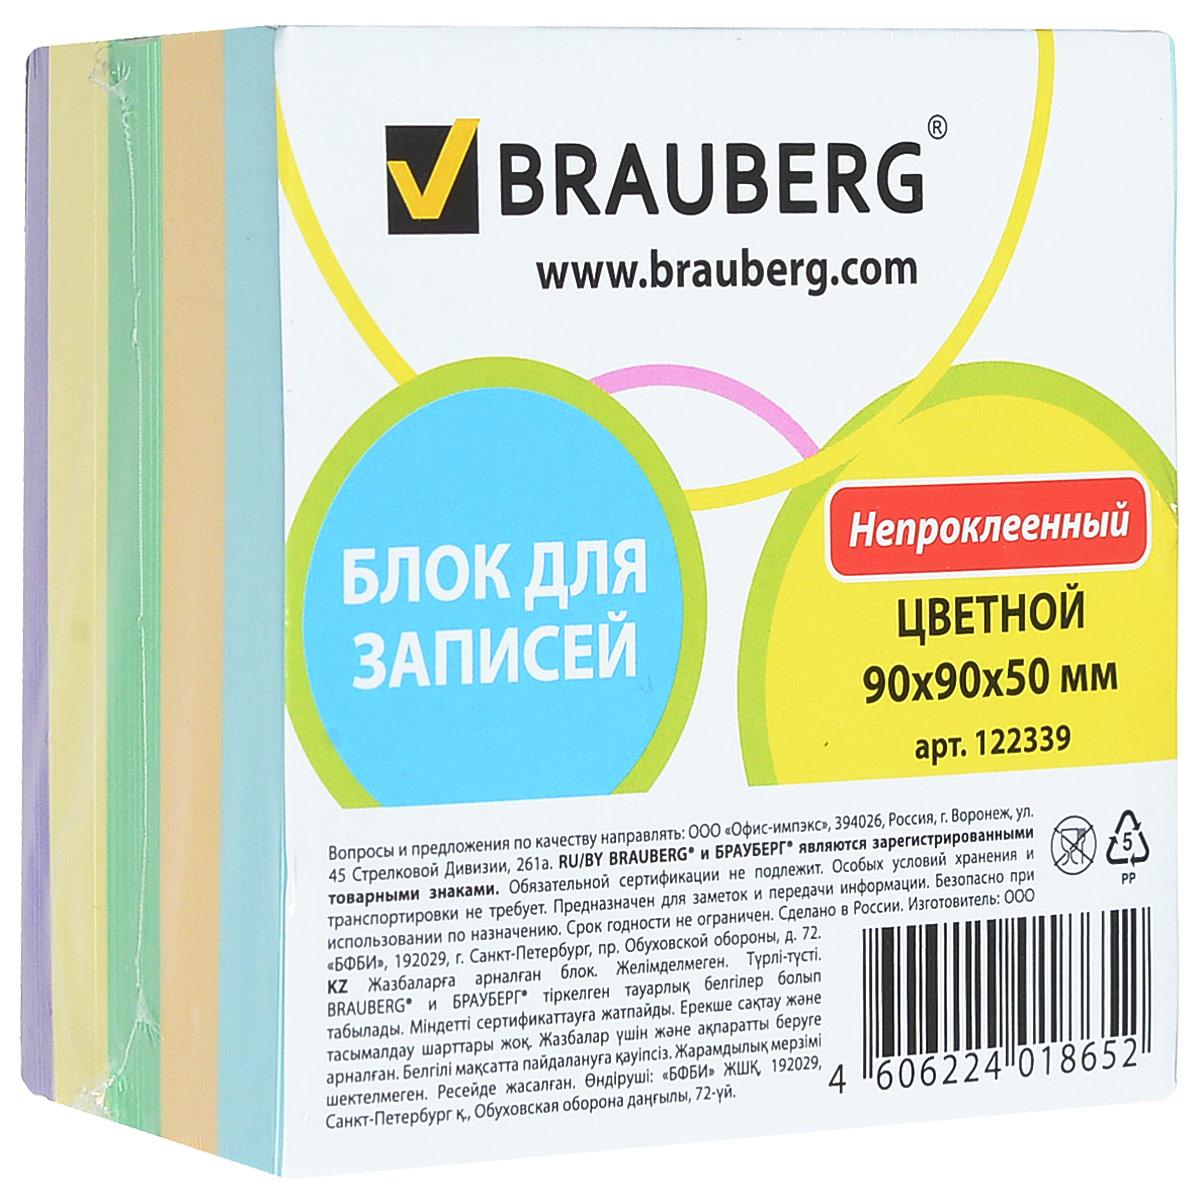 Brauberg Бумага для заметок 9 х 9 см 500 листов цвет мультиколор122339Бумага для заметок Brauberg непременно привлечет к себе внимание.Бумага состоит из 500 разноцветных листочков, которые удобны для заметок, объявлений и других коротких сообщений. Сменные блоки бумаги предназначены для использования в пластиковых подставках и настольных органайзерах.